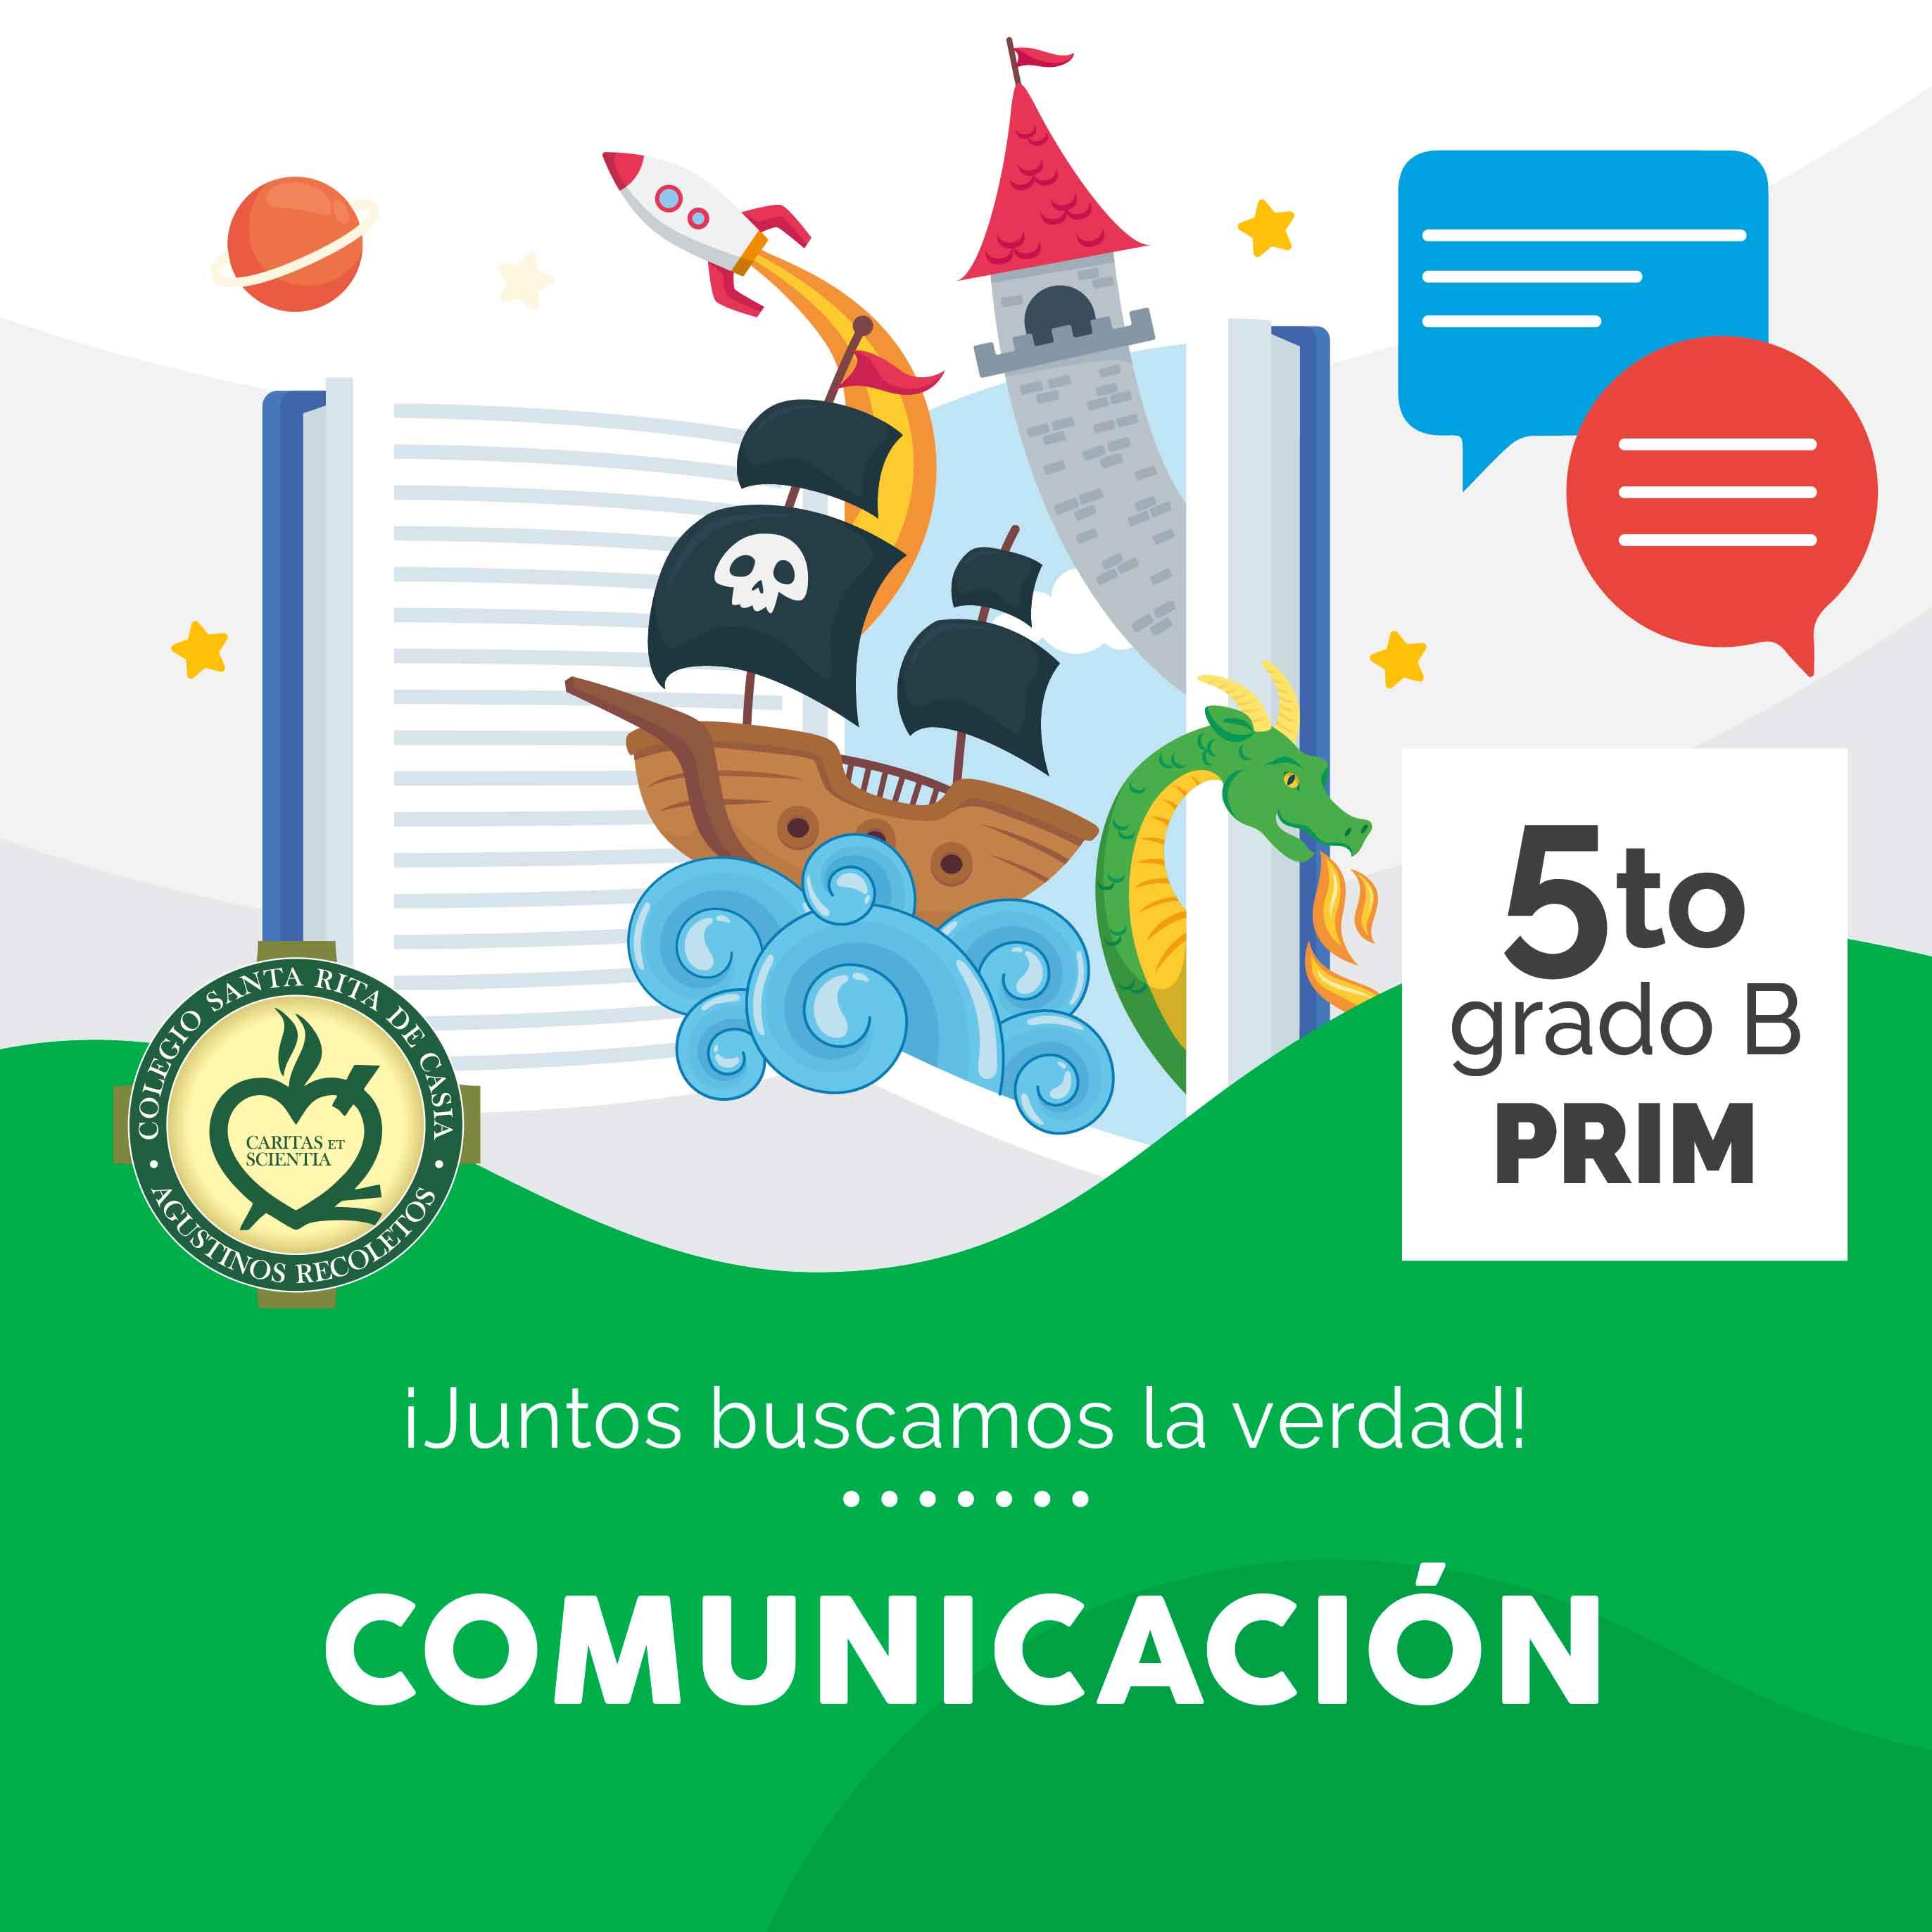 Comunicación 5to Grado B